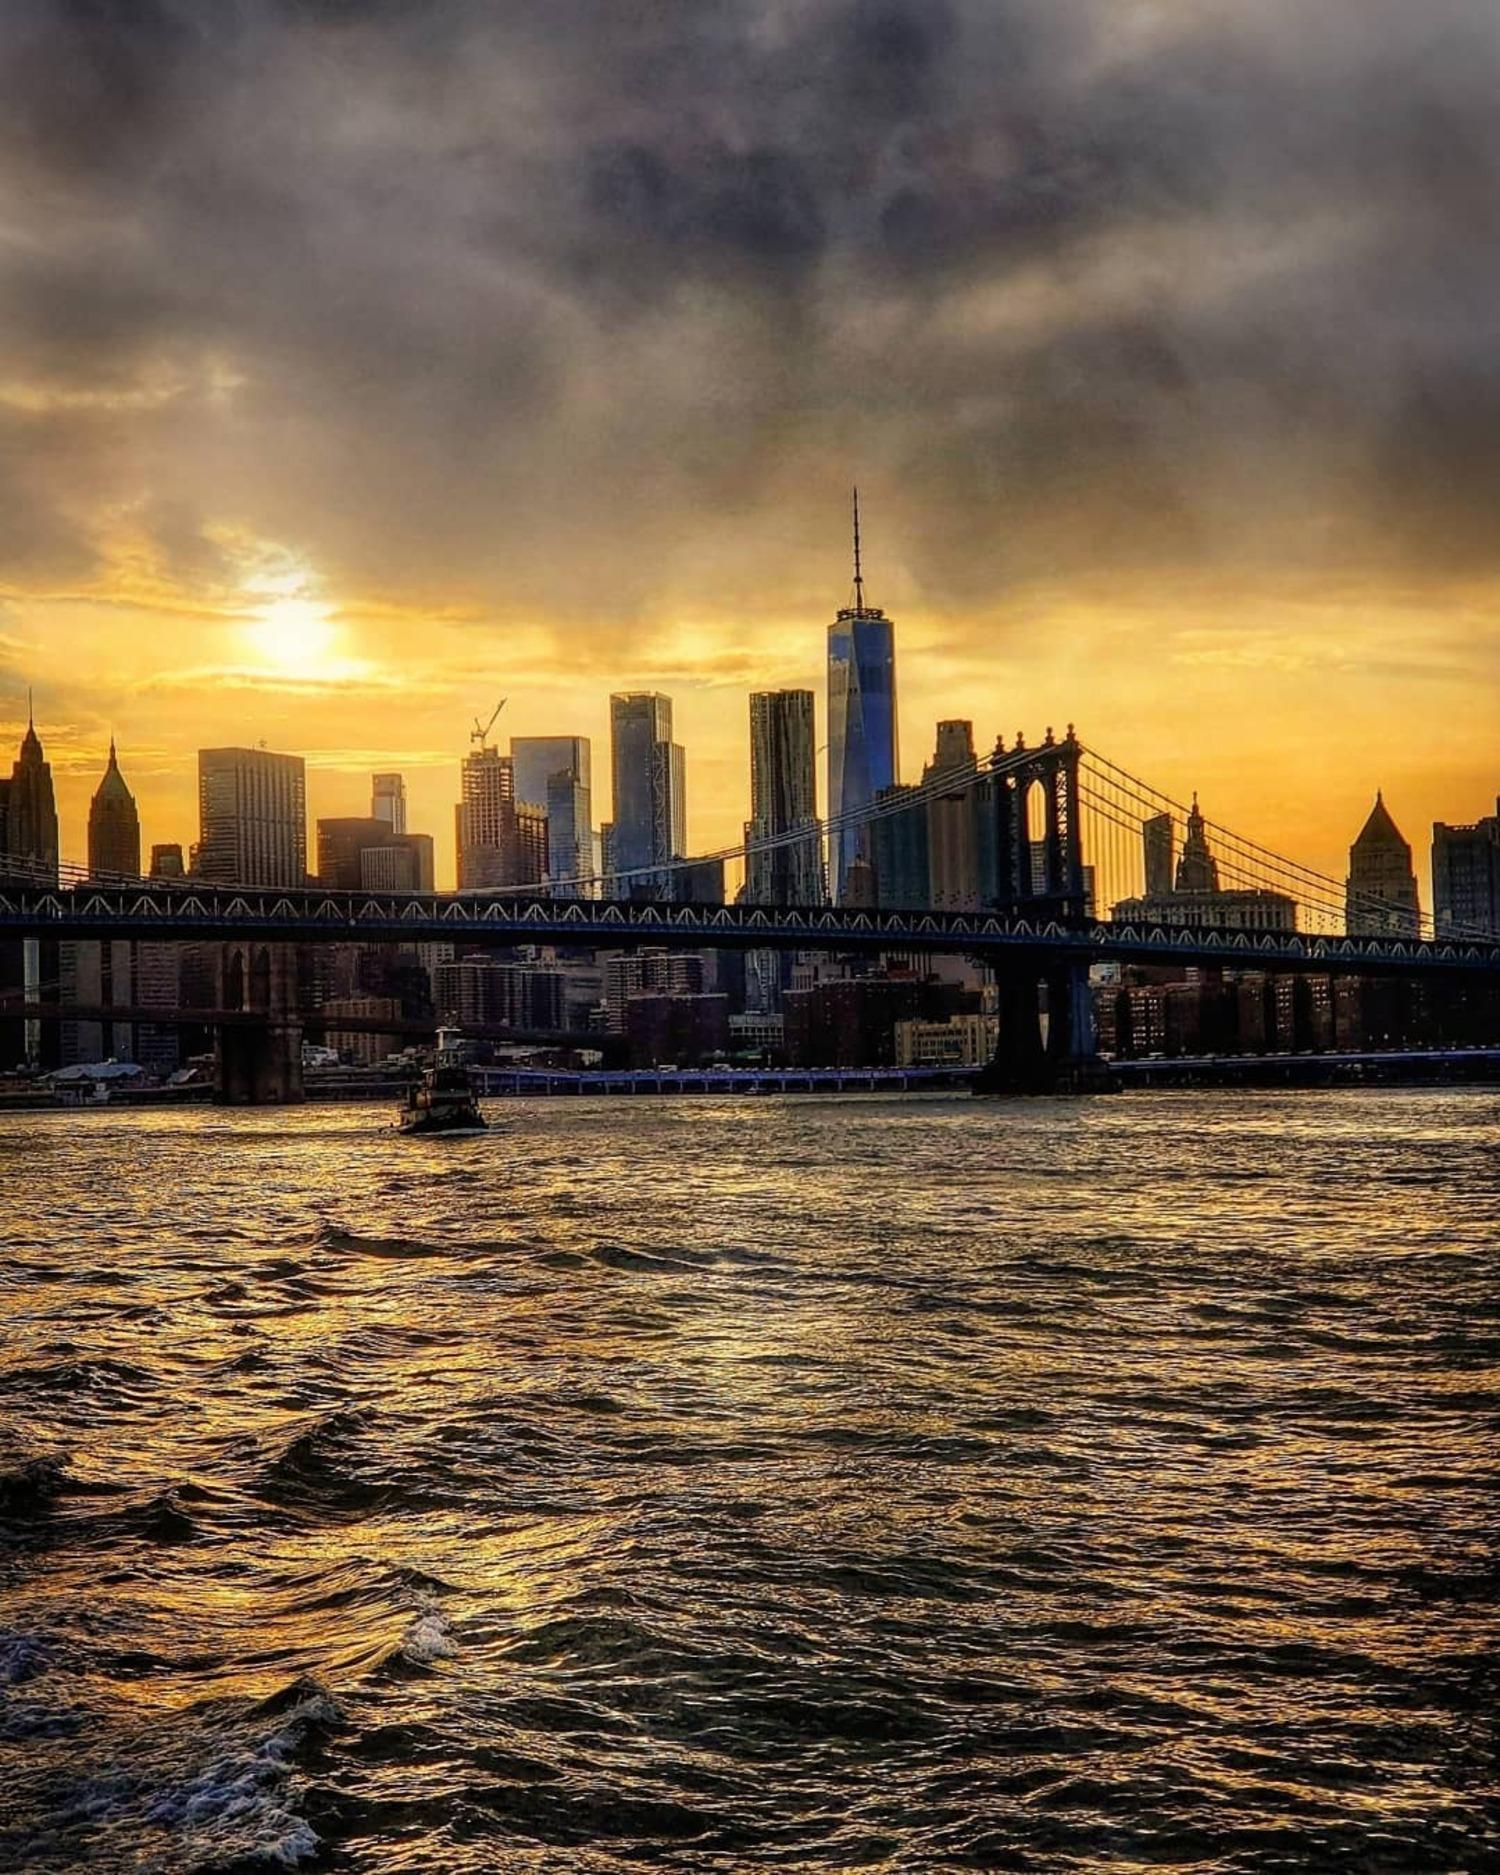 Manhattan Bridge and Lower Manhattan Skyline